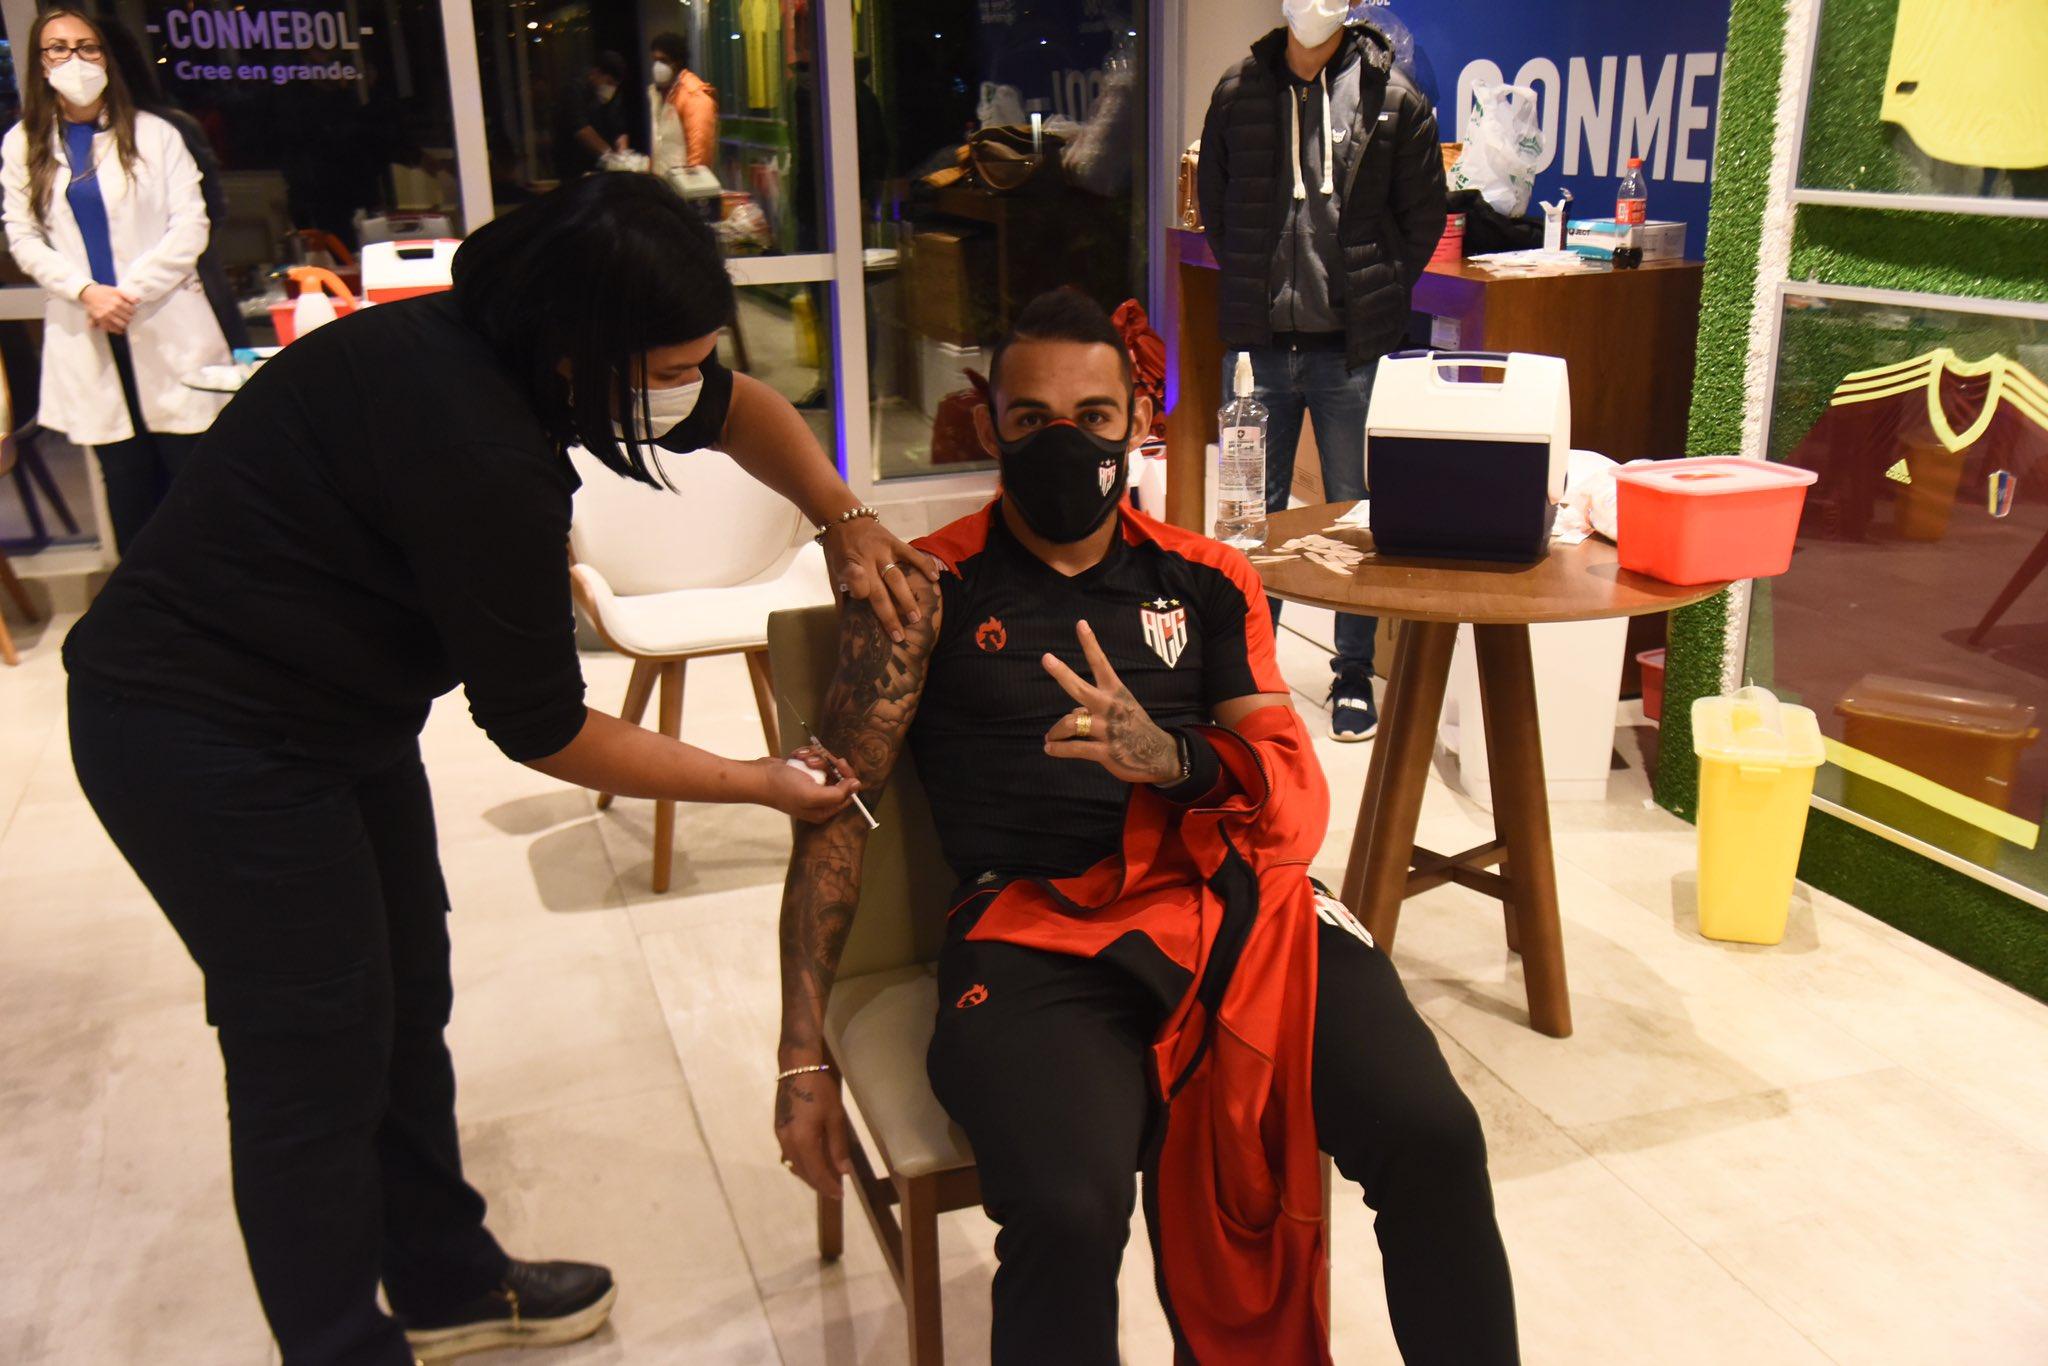 Jogador do Atlético-Go recebendo dose na sede da Conmebol -Foto: Reprodução Twitter